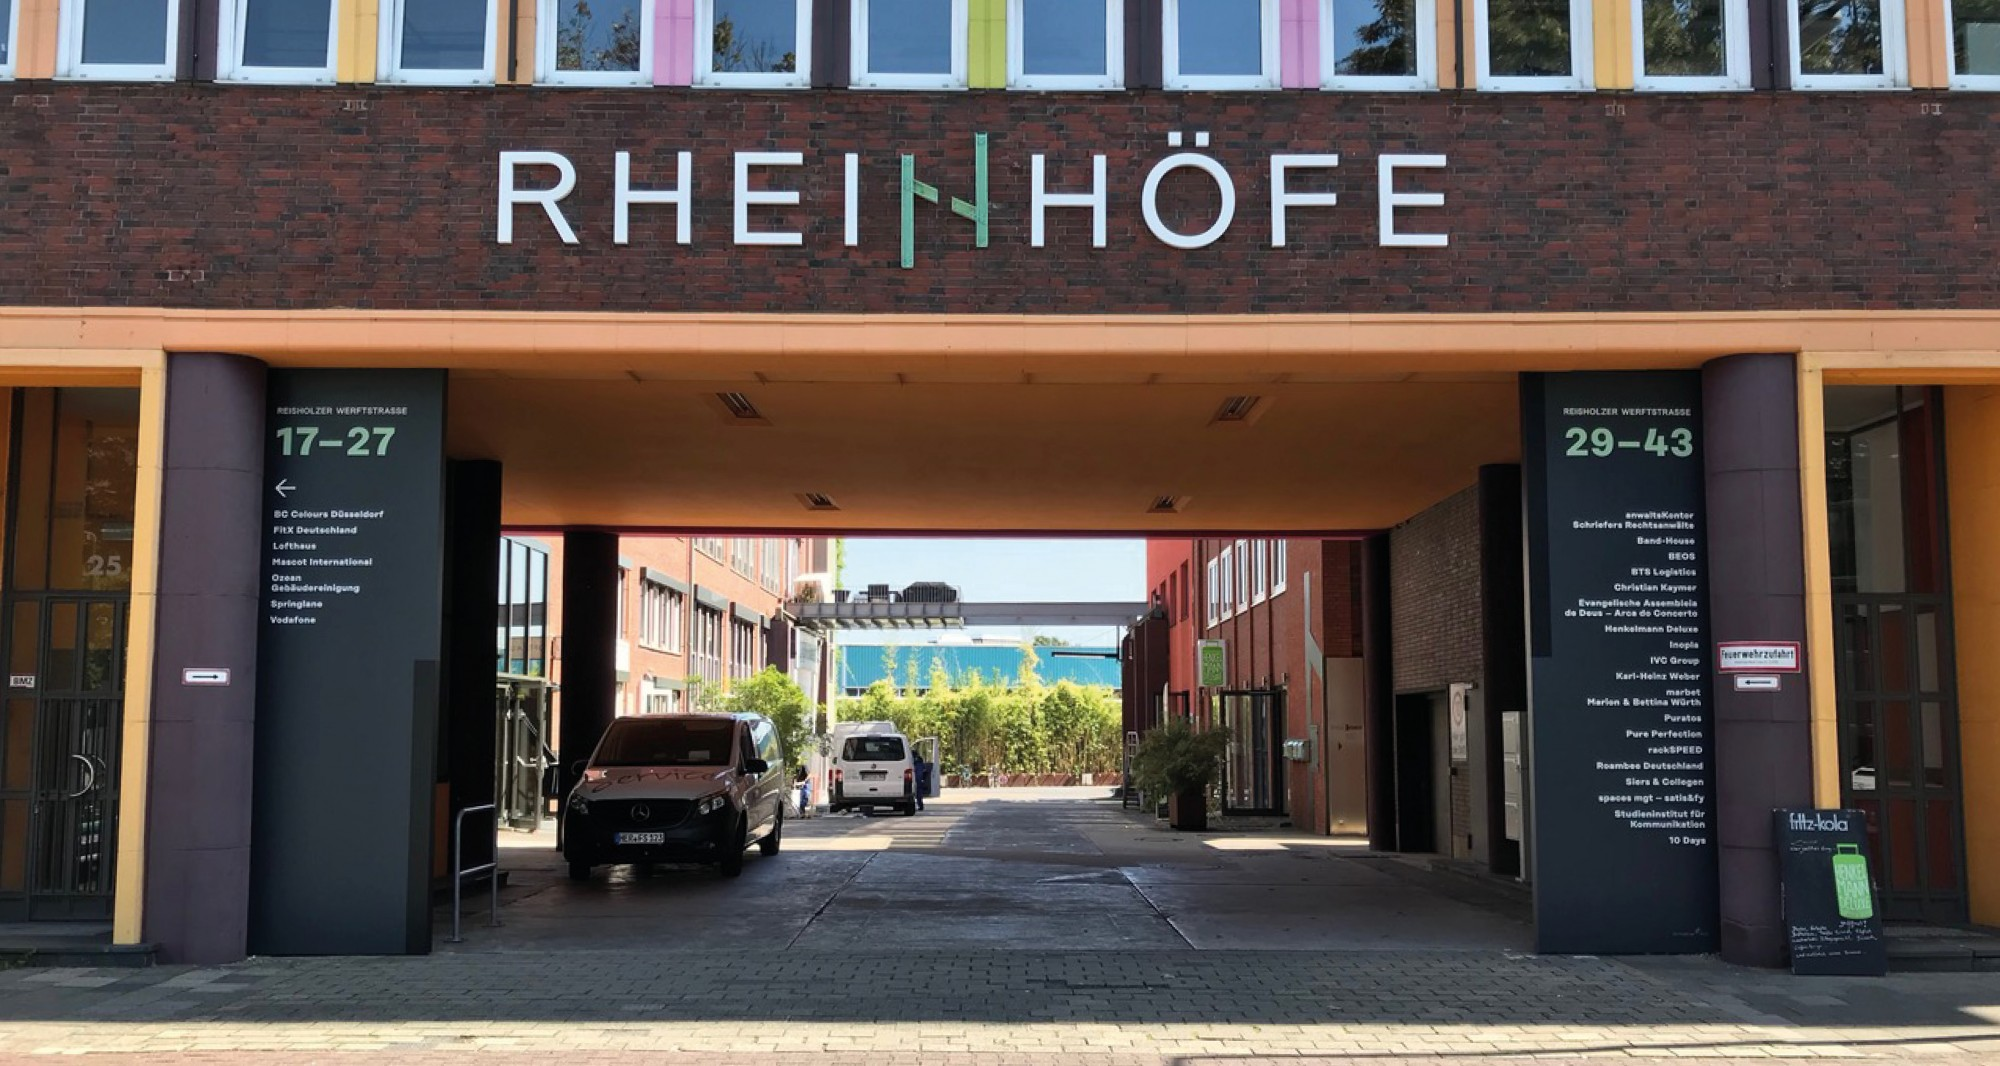 Rheinhöfe Wayfinding